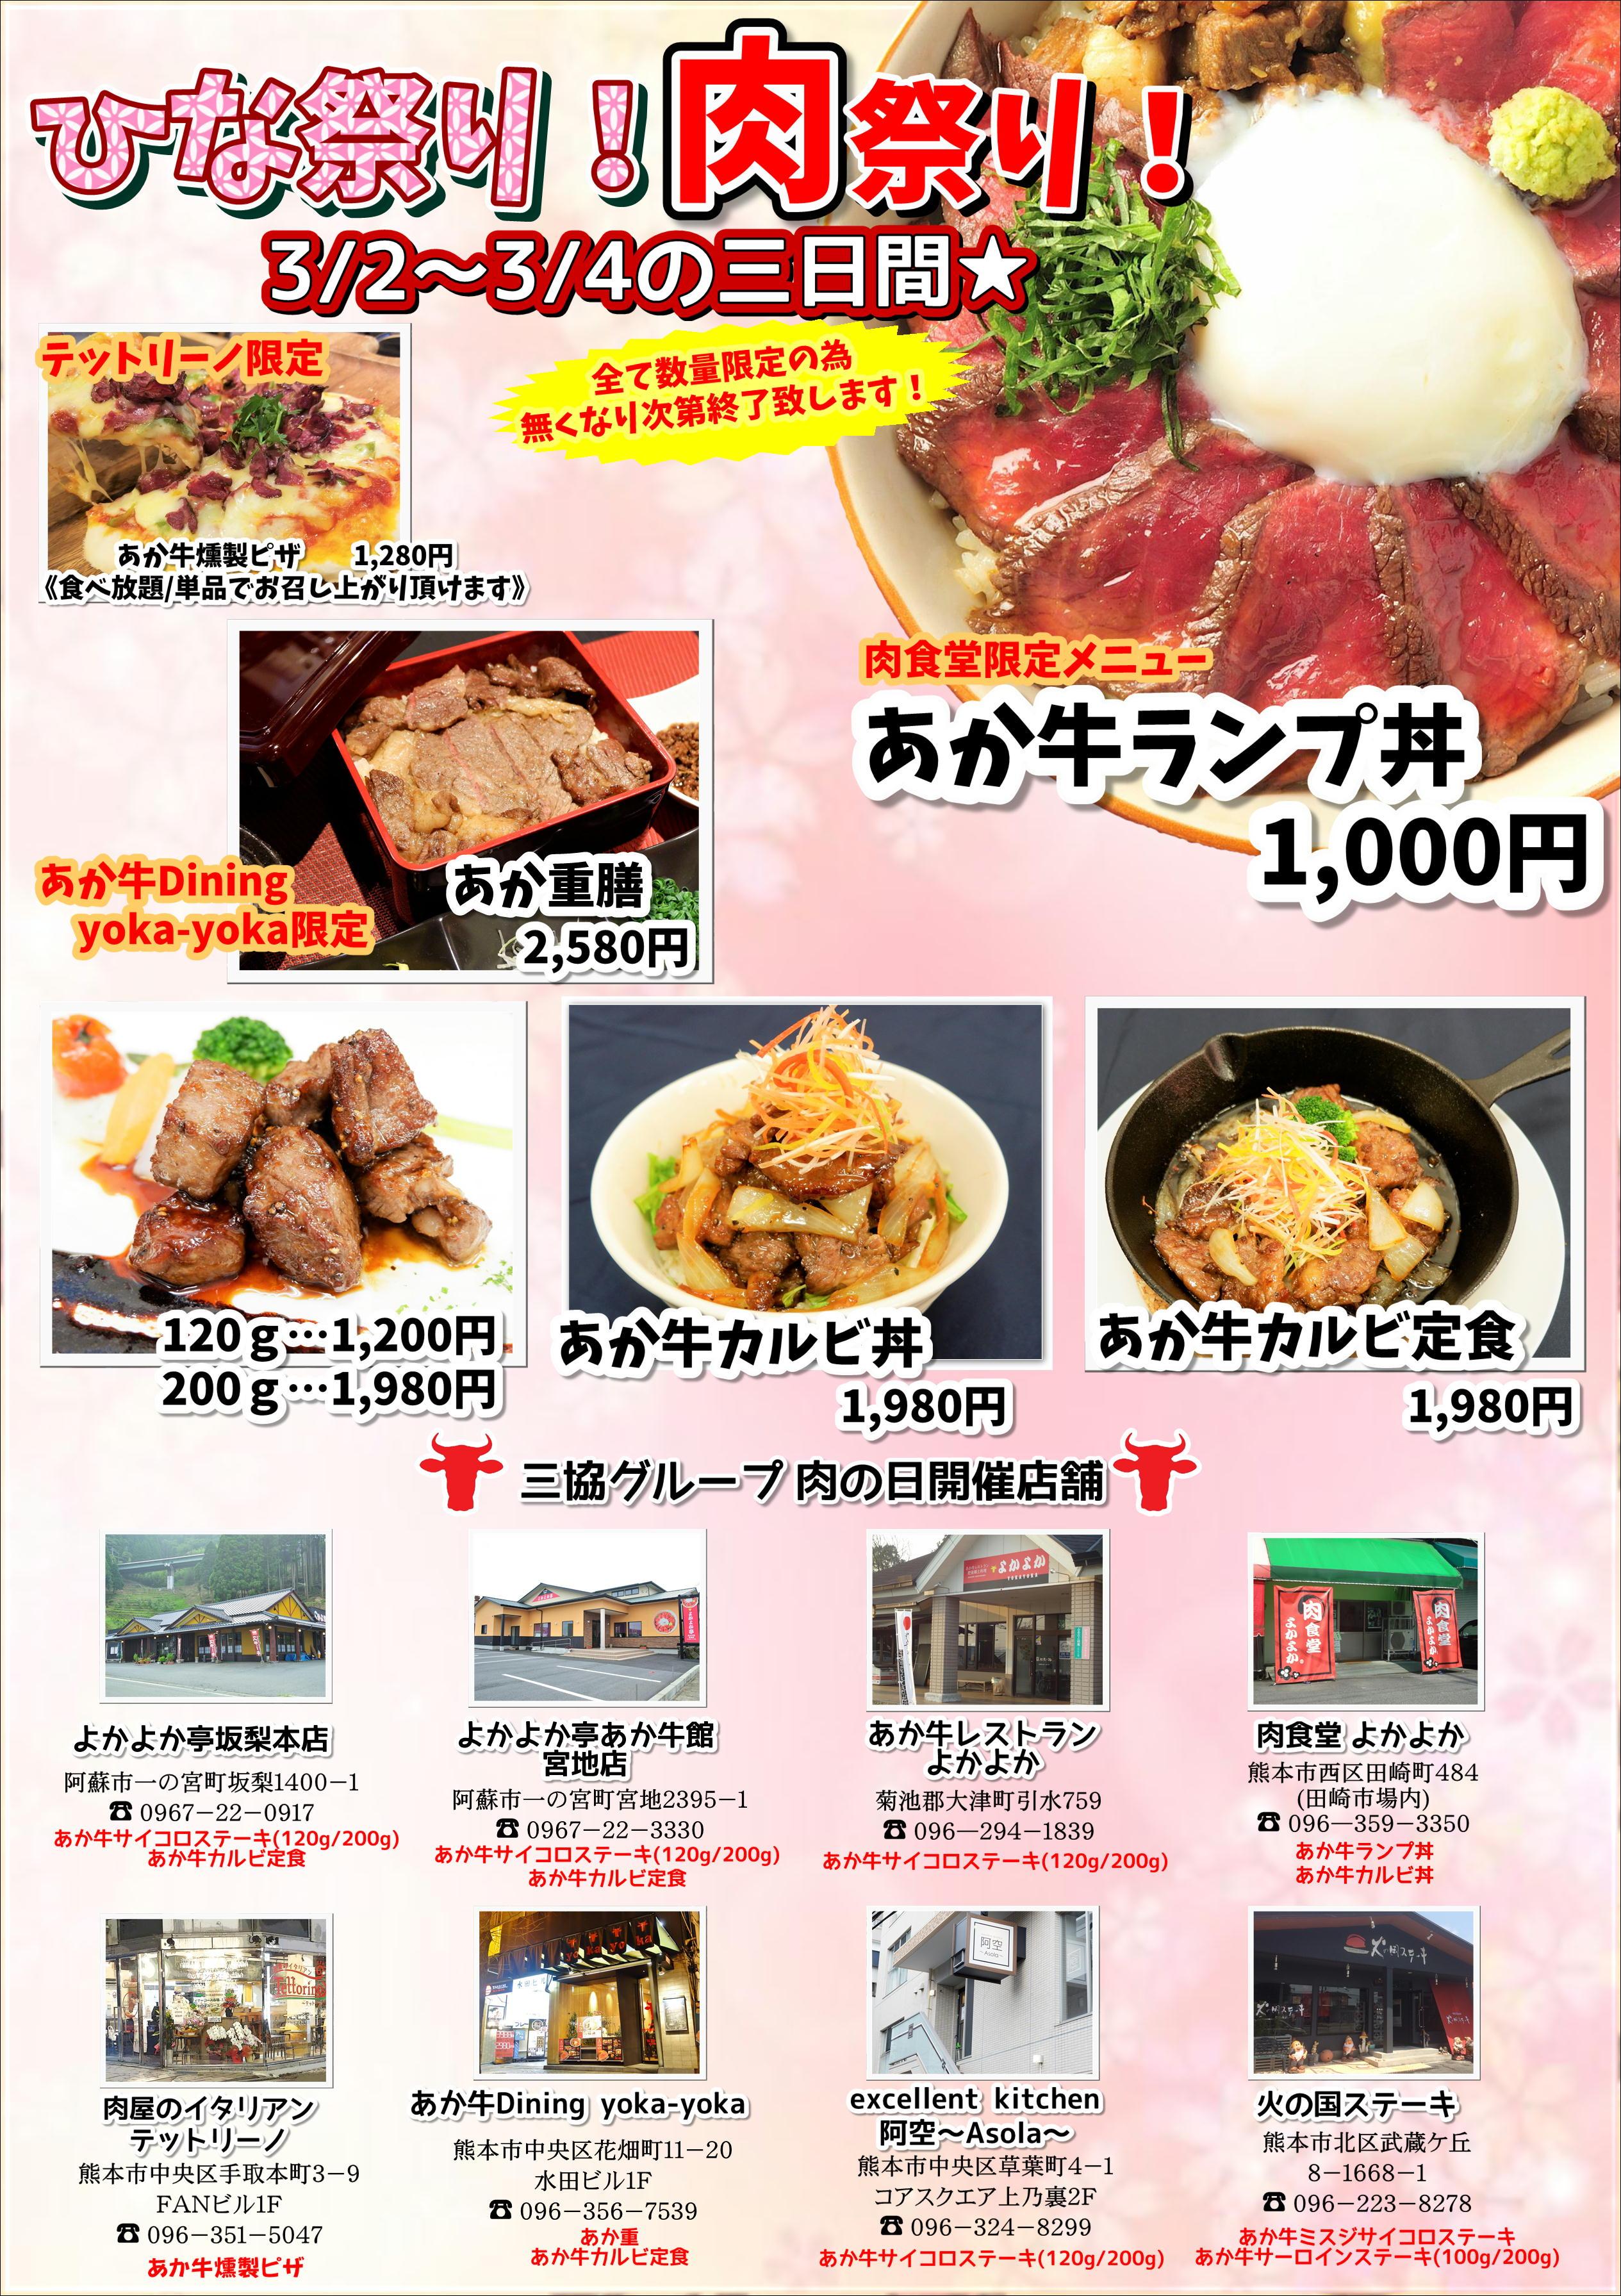 3月ひな祭り飲食店